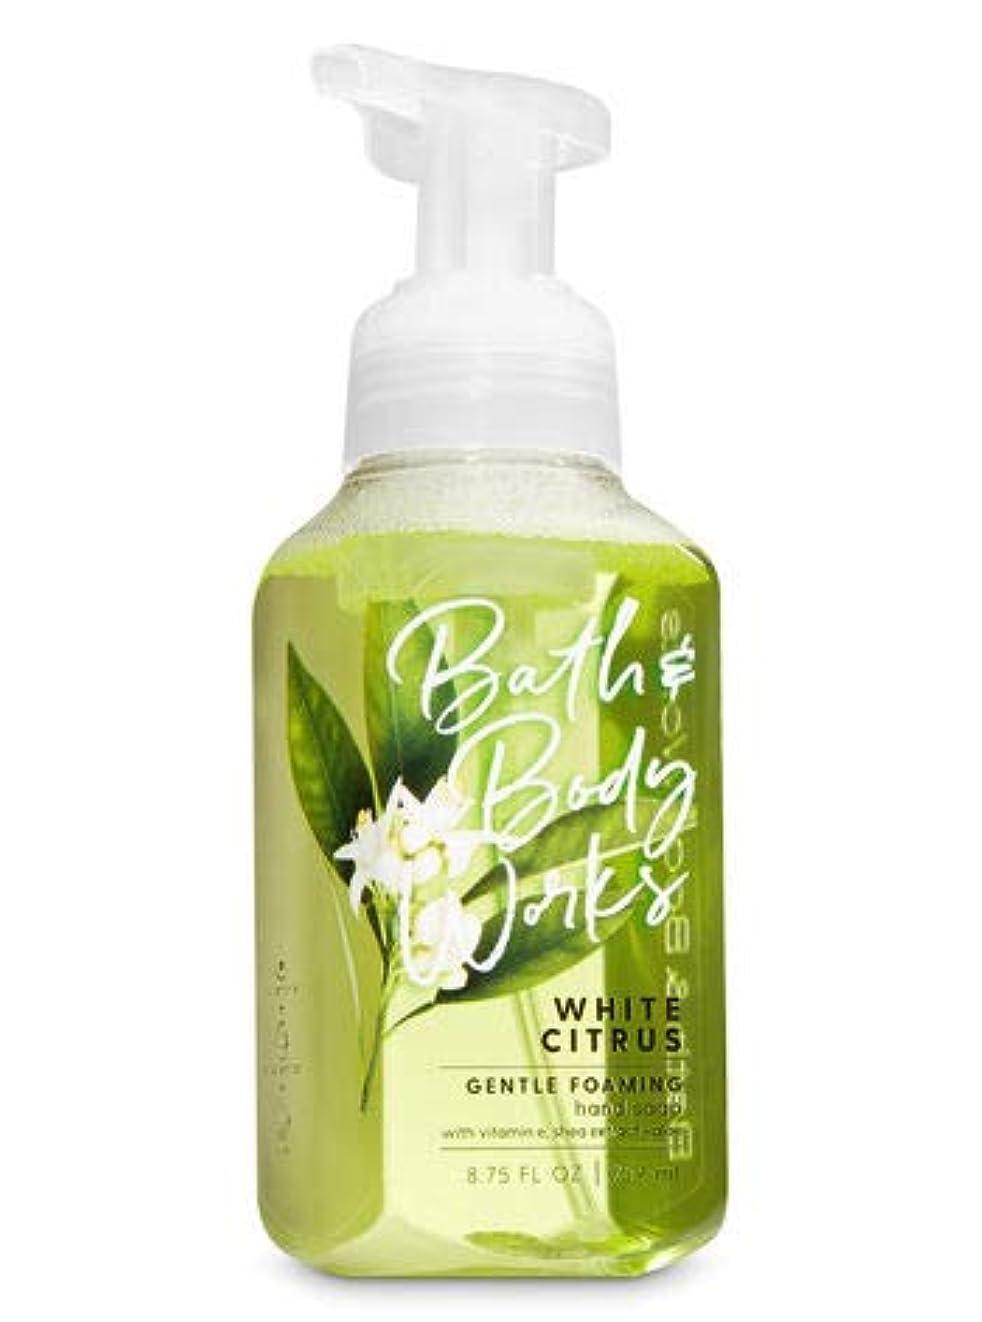 内部少ないセラーバス&ボディワークス ホワイトシトラス ジェントル フォーミング ハンドソープ White Citrus Gentle Foaming Hand Soap